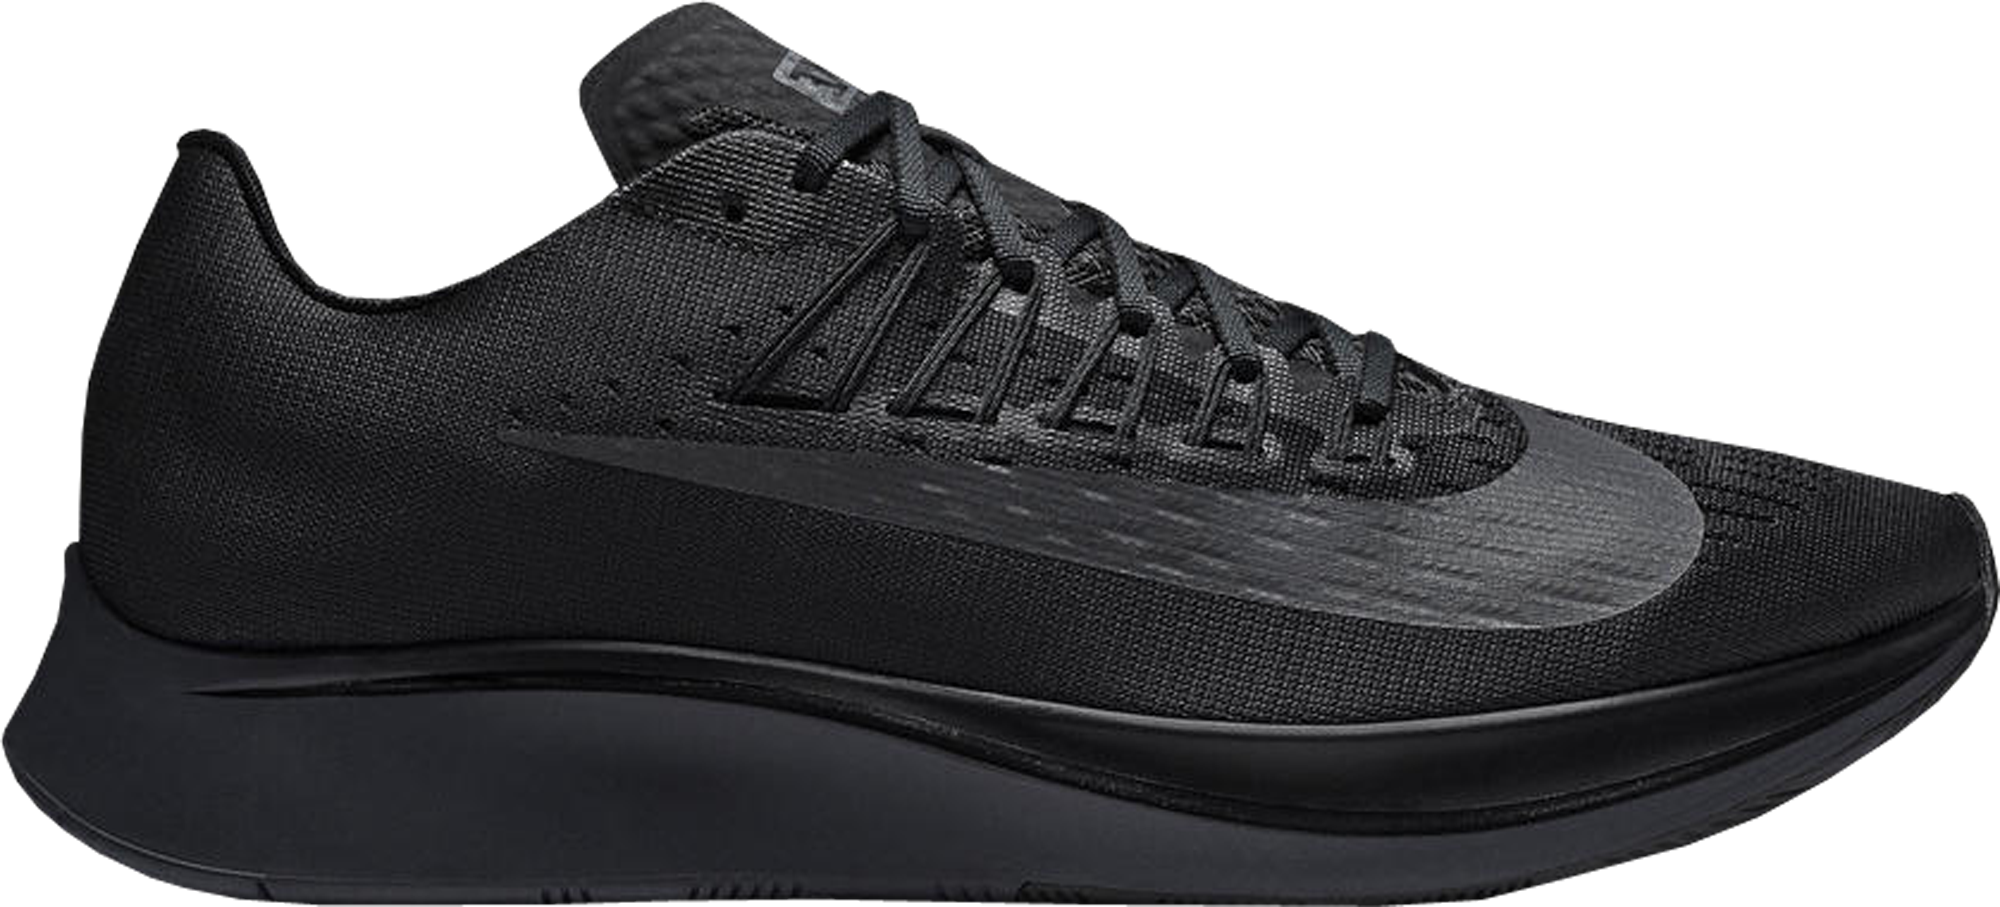 Nike Zoom Fly Triple Black